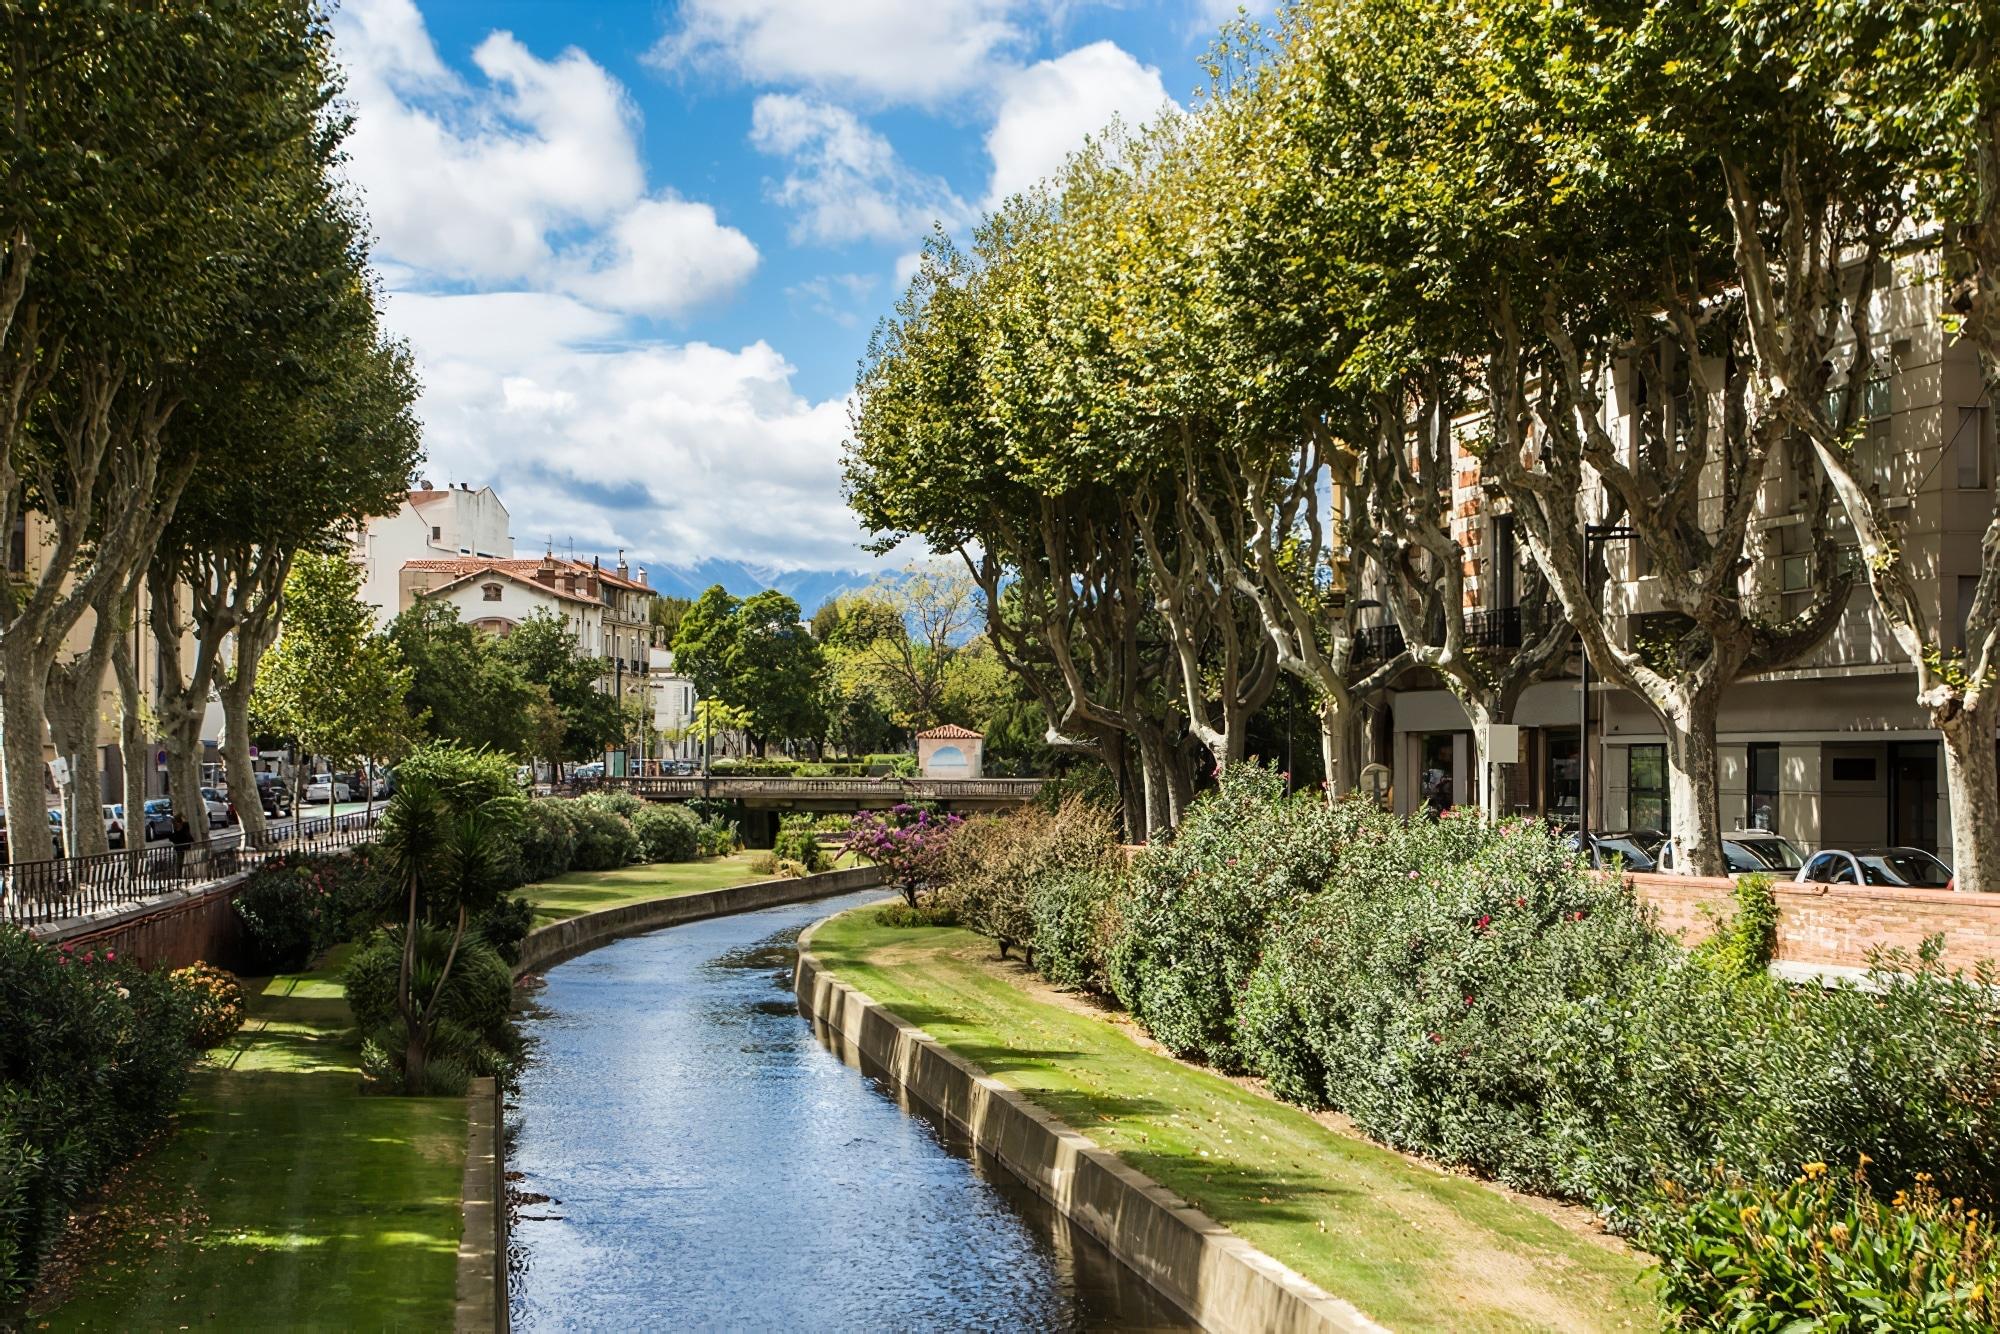 Vue pittoresque sur Perpignan et sa rivière par beau temps. France.